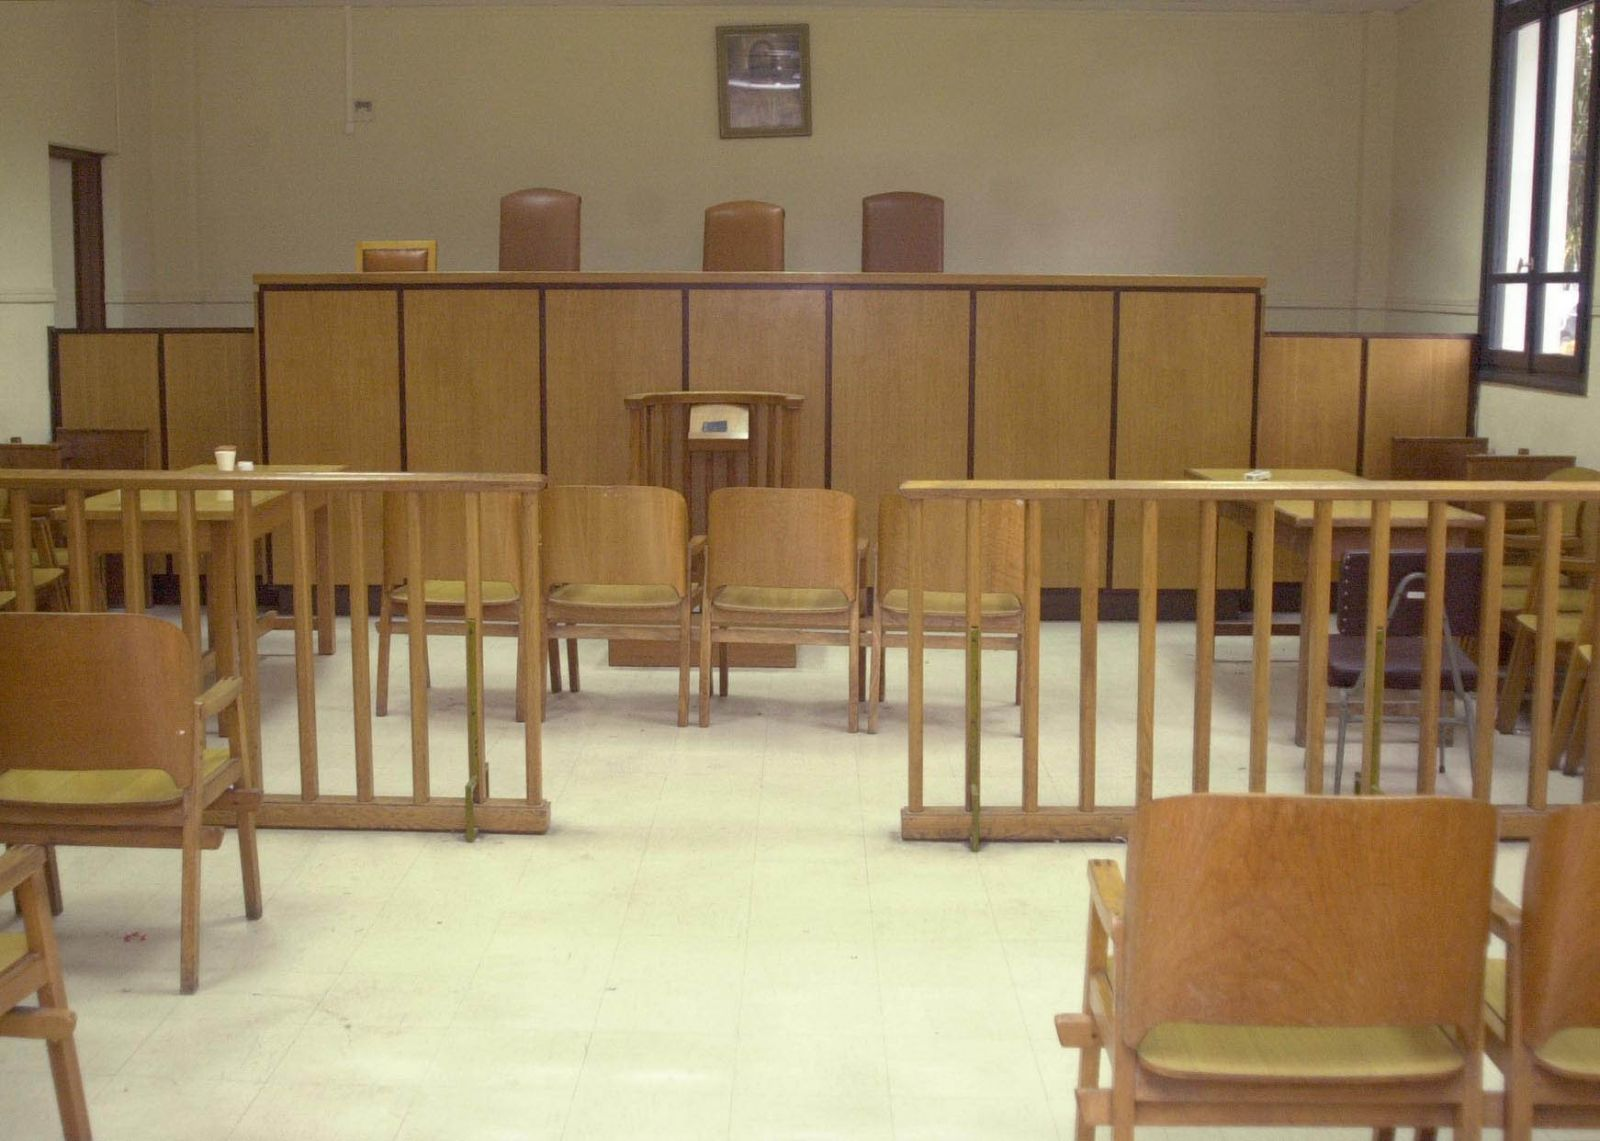 Σε 21 χρόνια κάθειρξη καταδικάστηκαν ο διευθυντής και ο υποδιευθυντής της Πολεοδομίας Σύρου - Βαριά ποινή και σε Μυκονιάτη αρχιτέκτονα